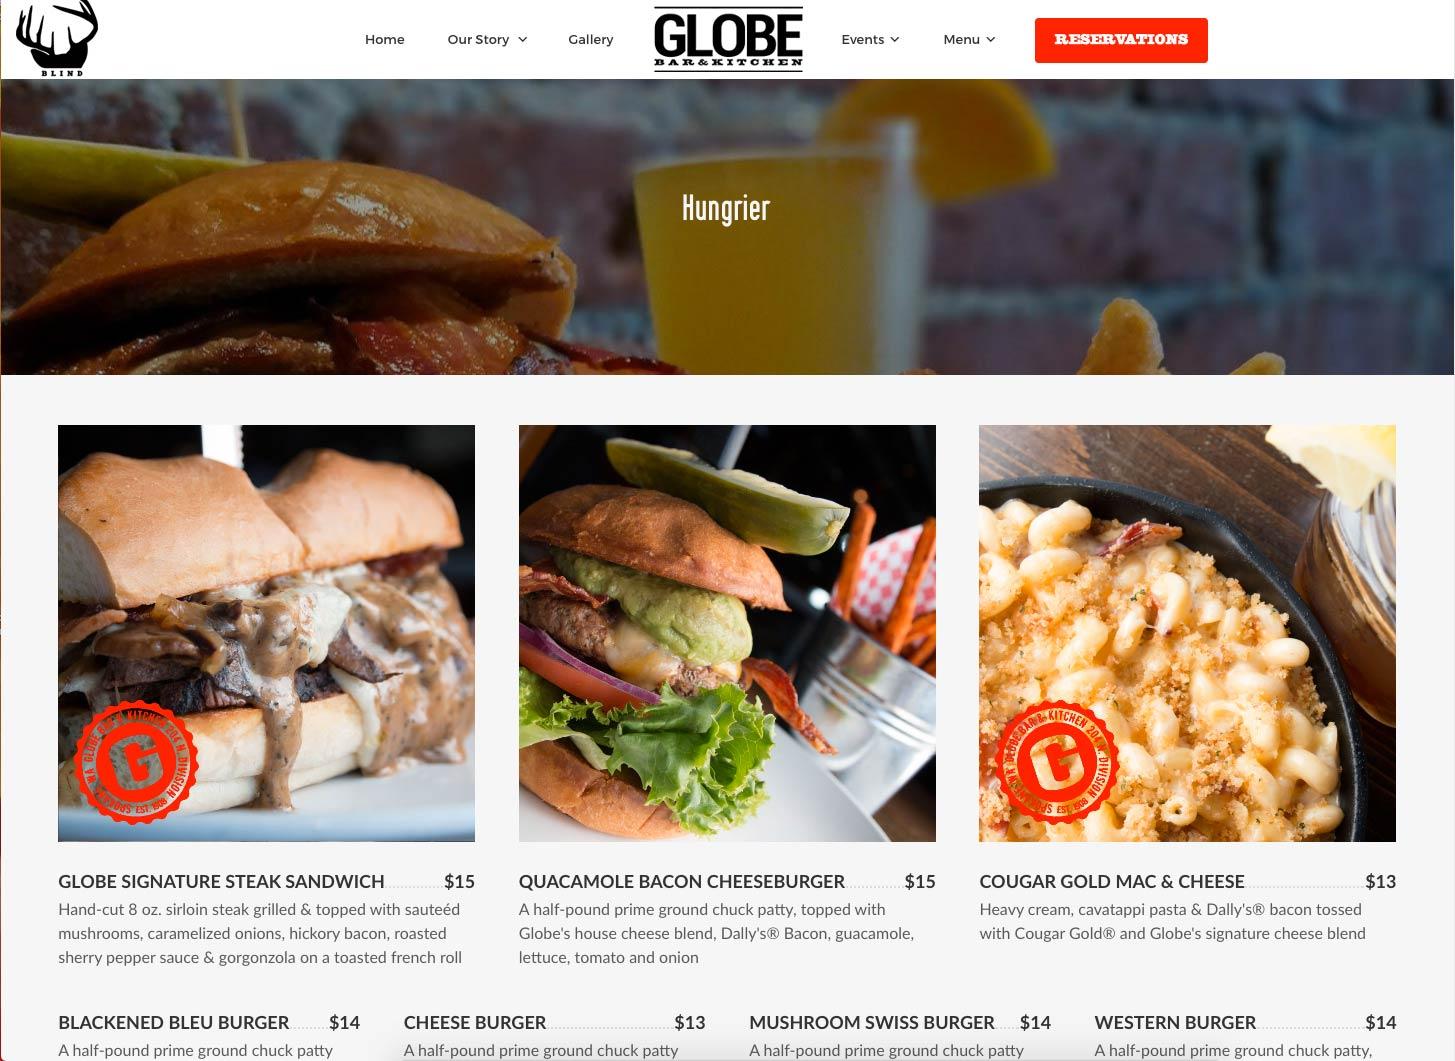 website design example online menu